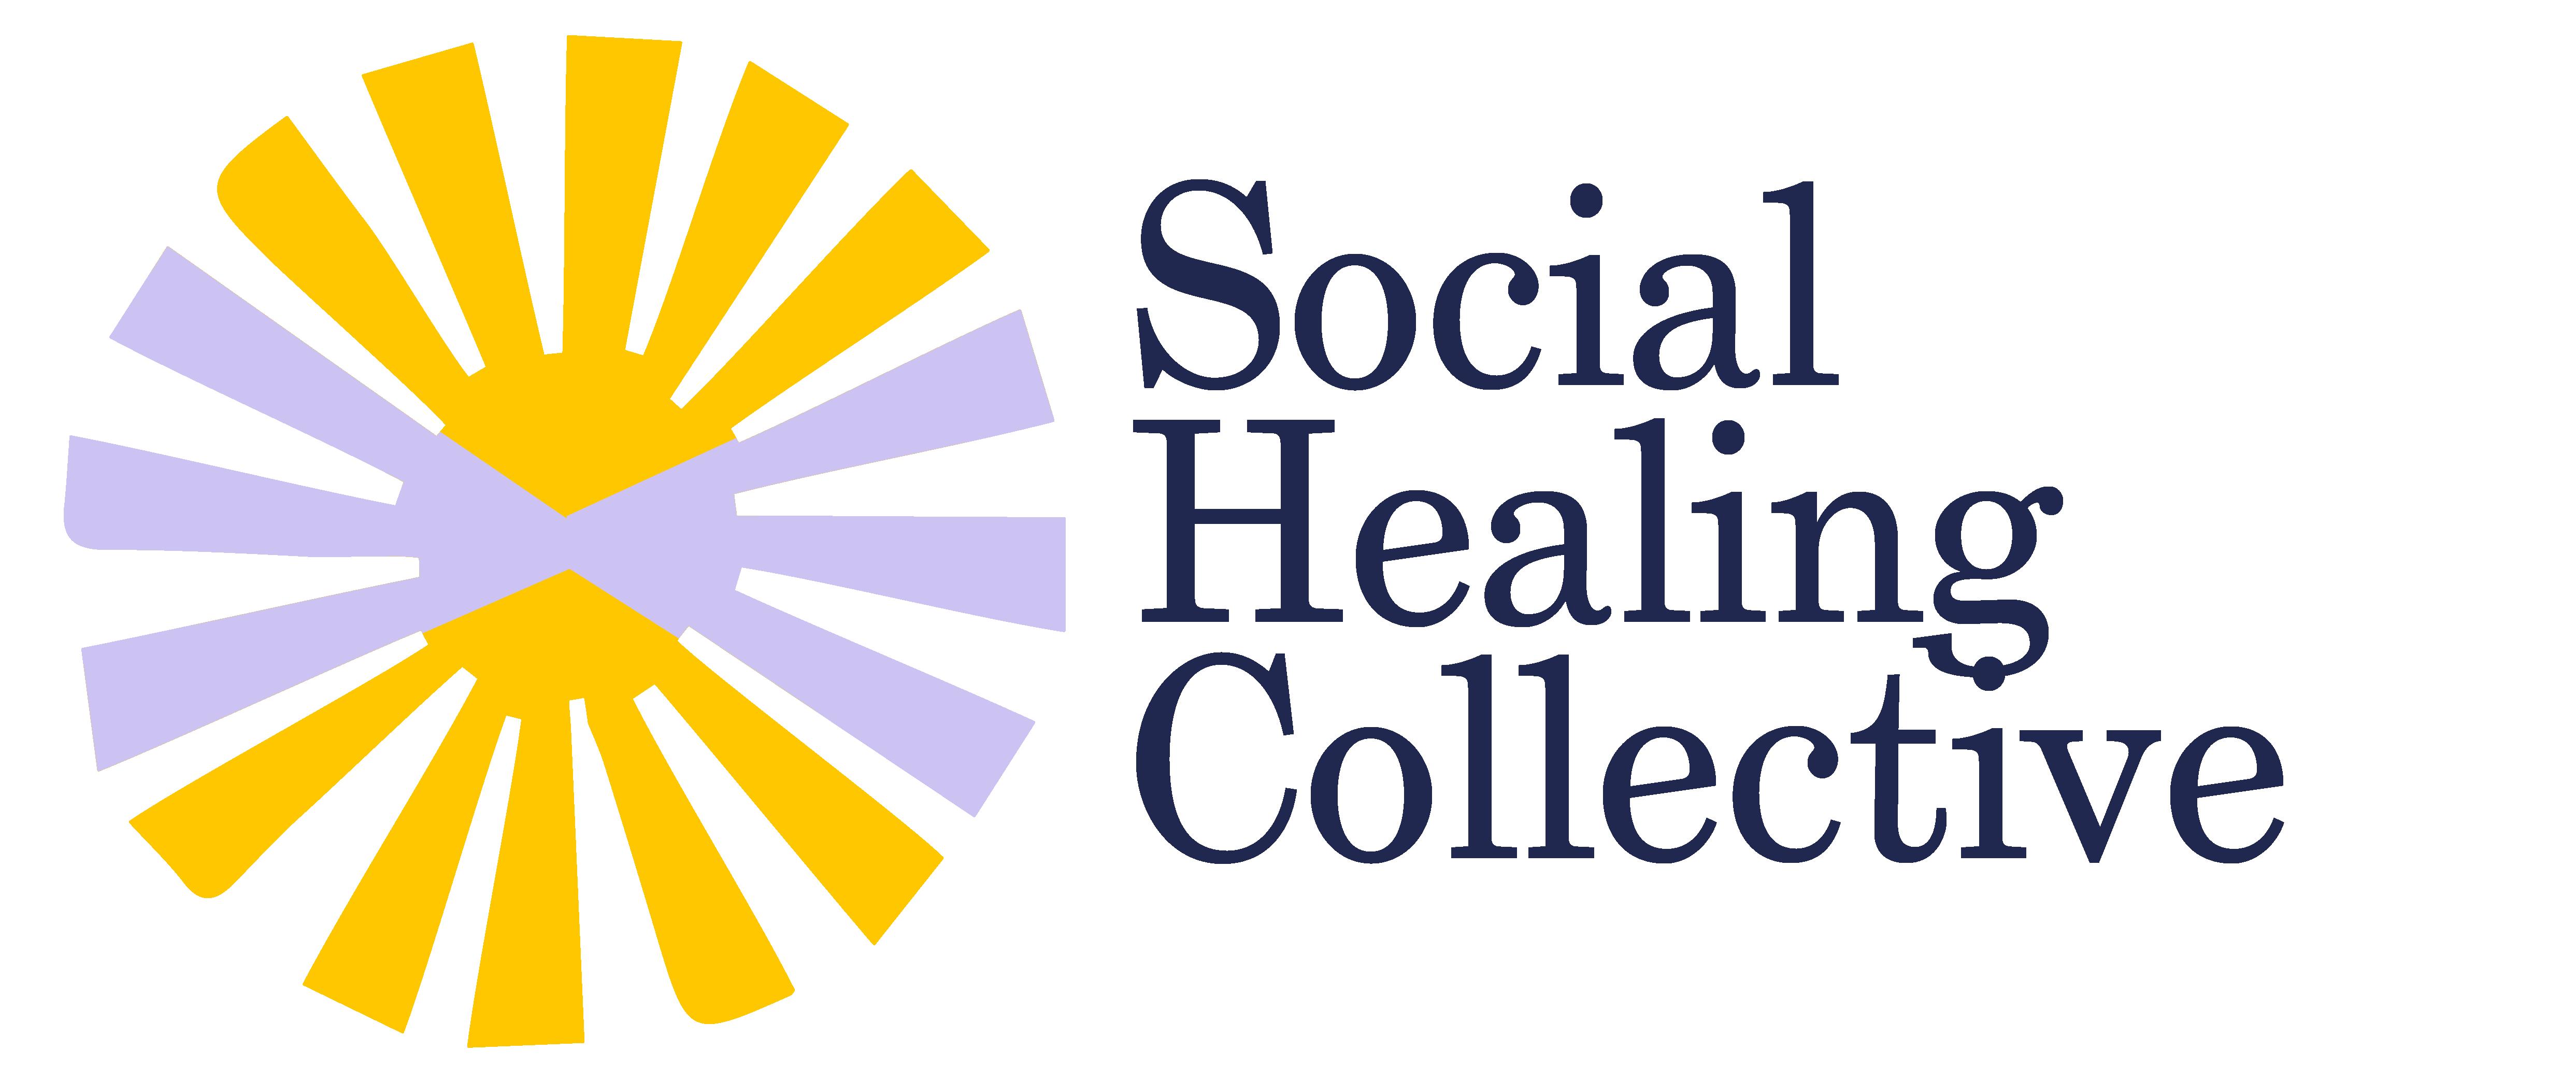 Social Healing Collective logo